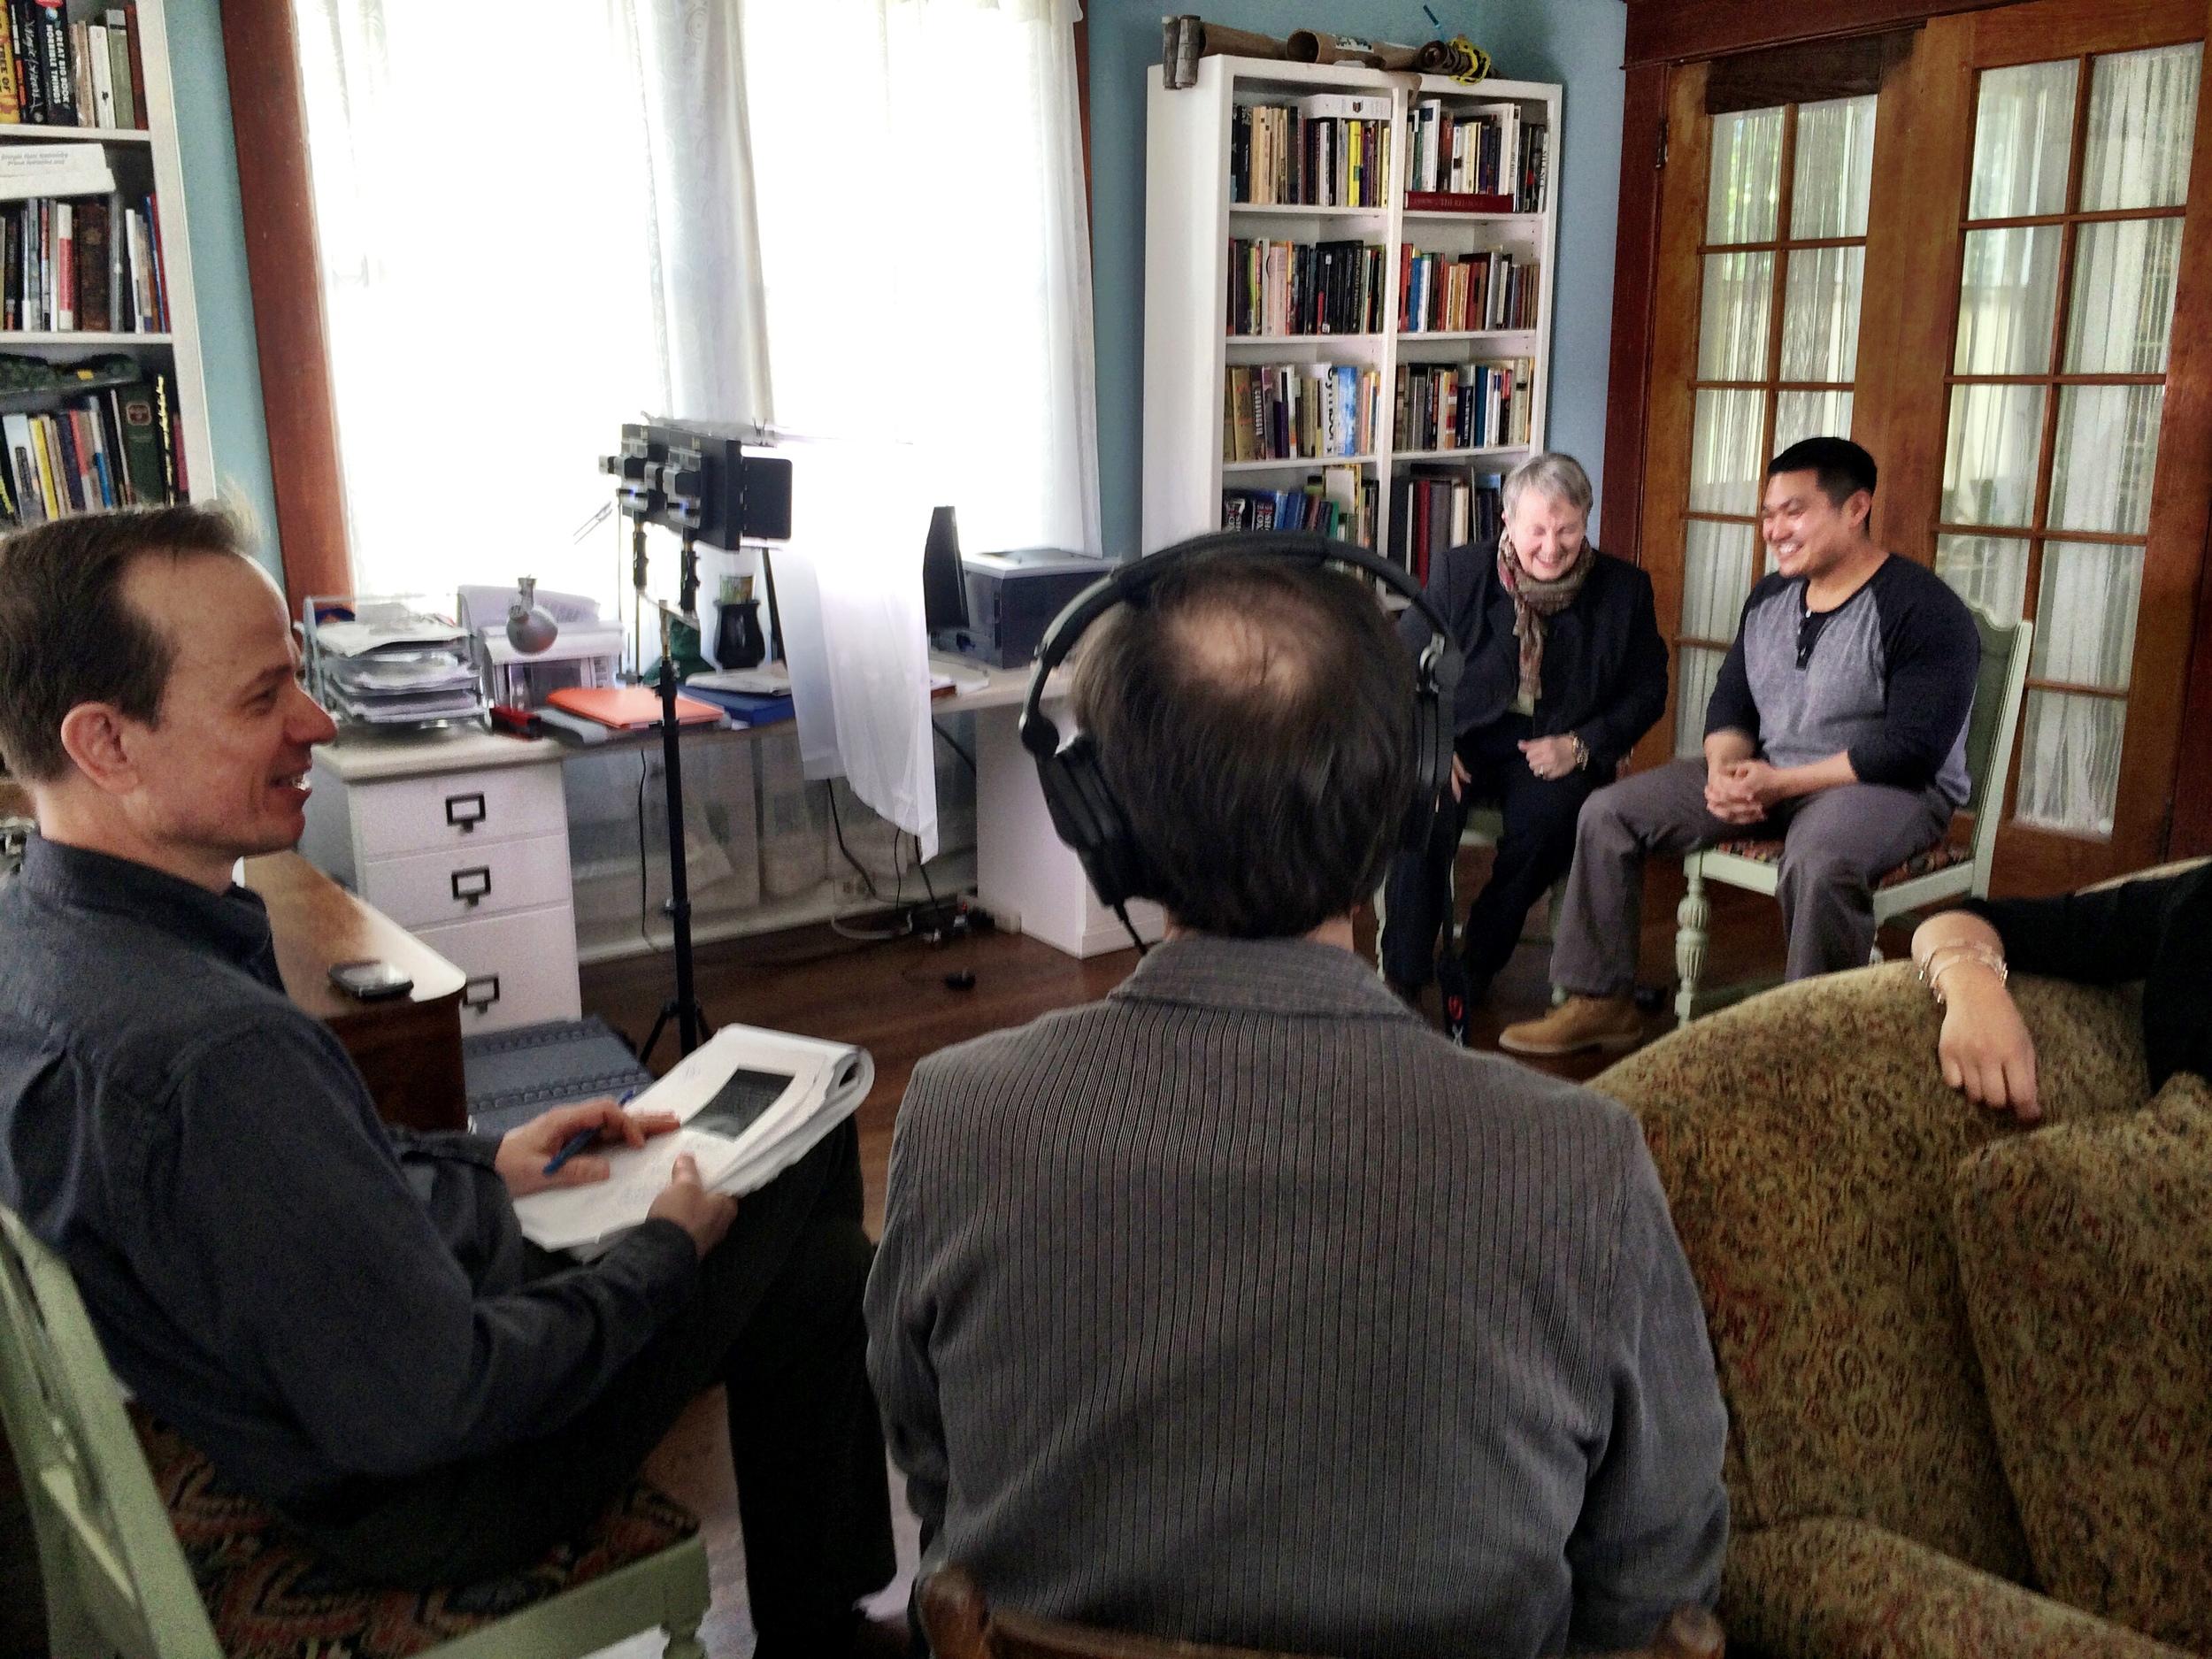 Hal Jacobs films Quang and Senator Orrock